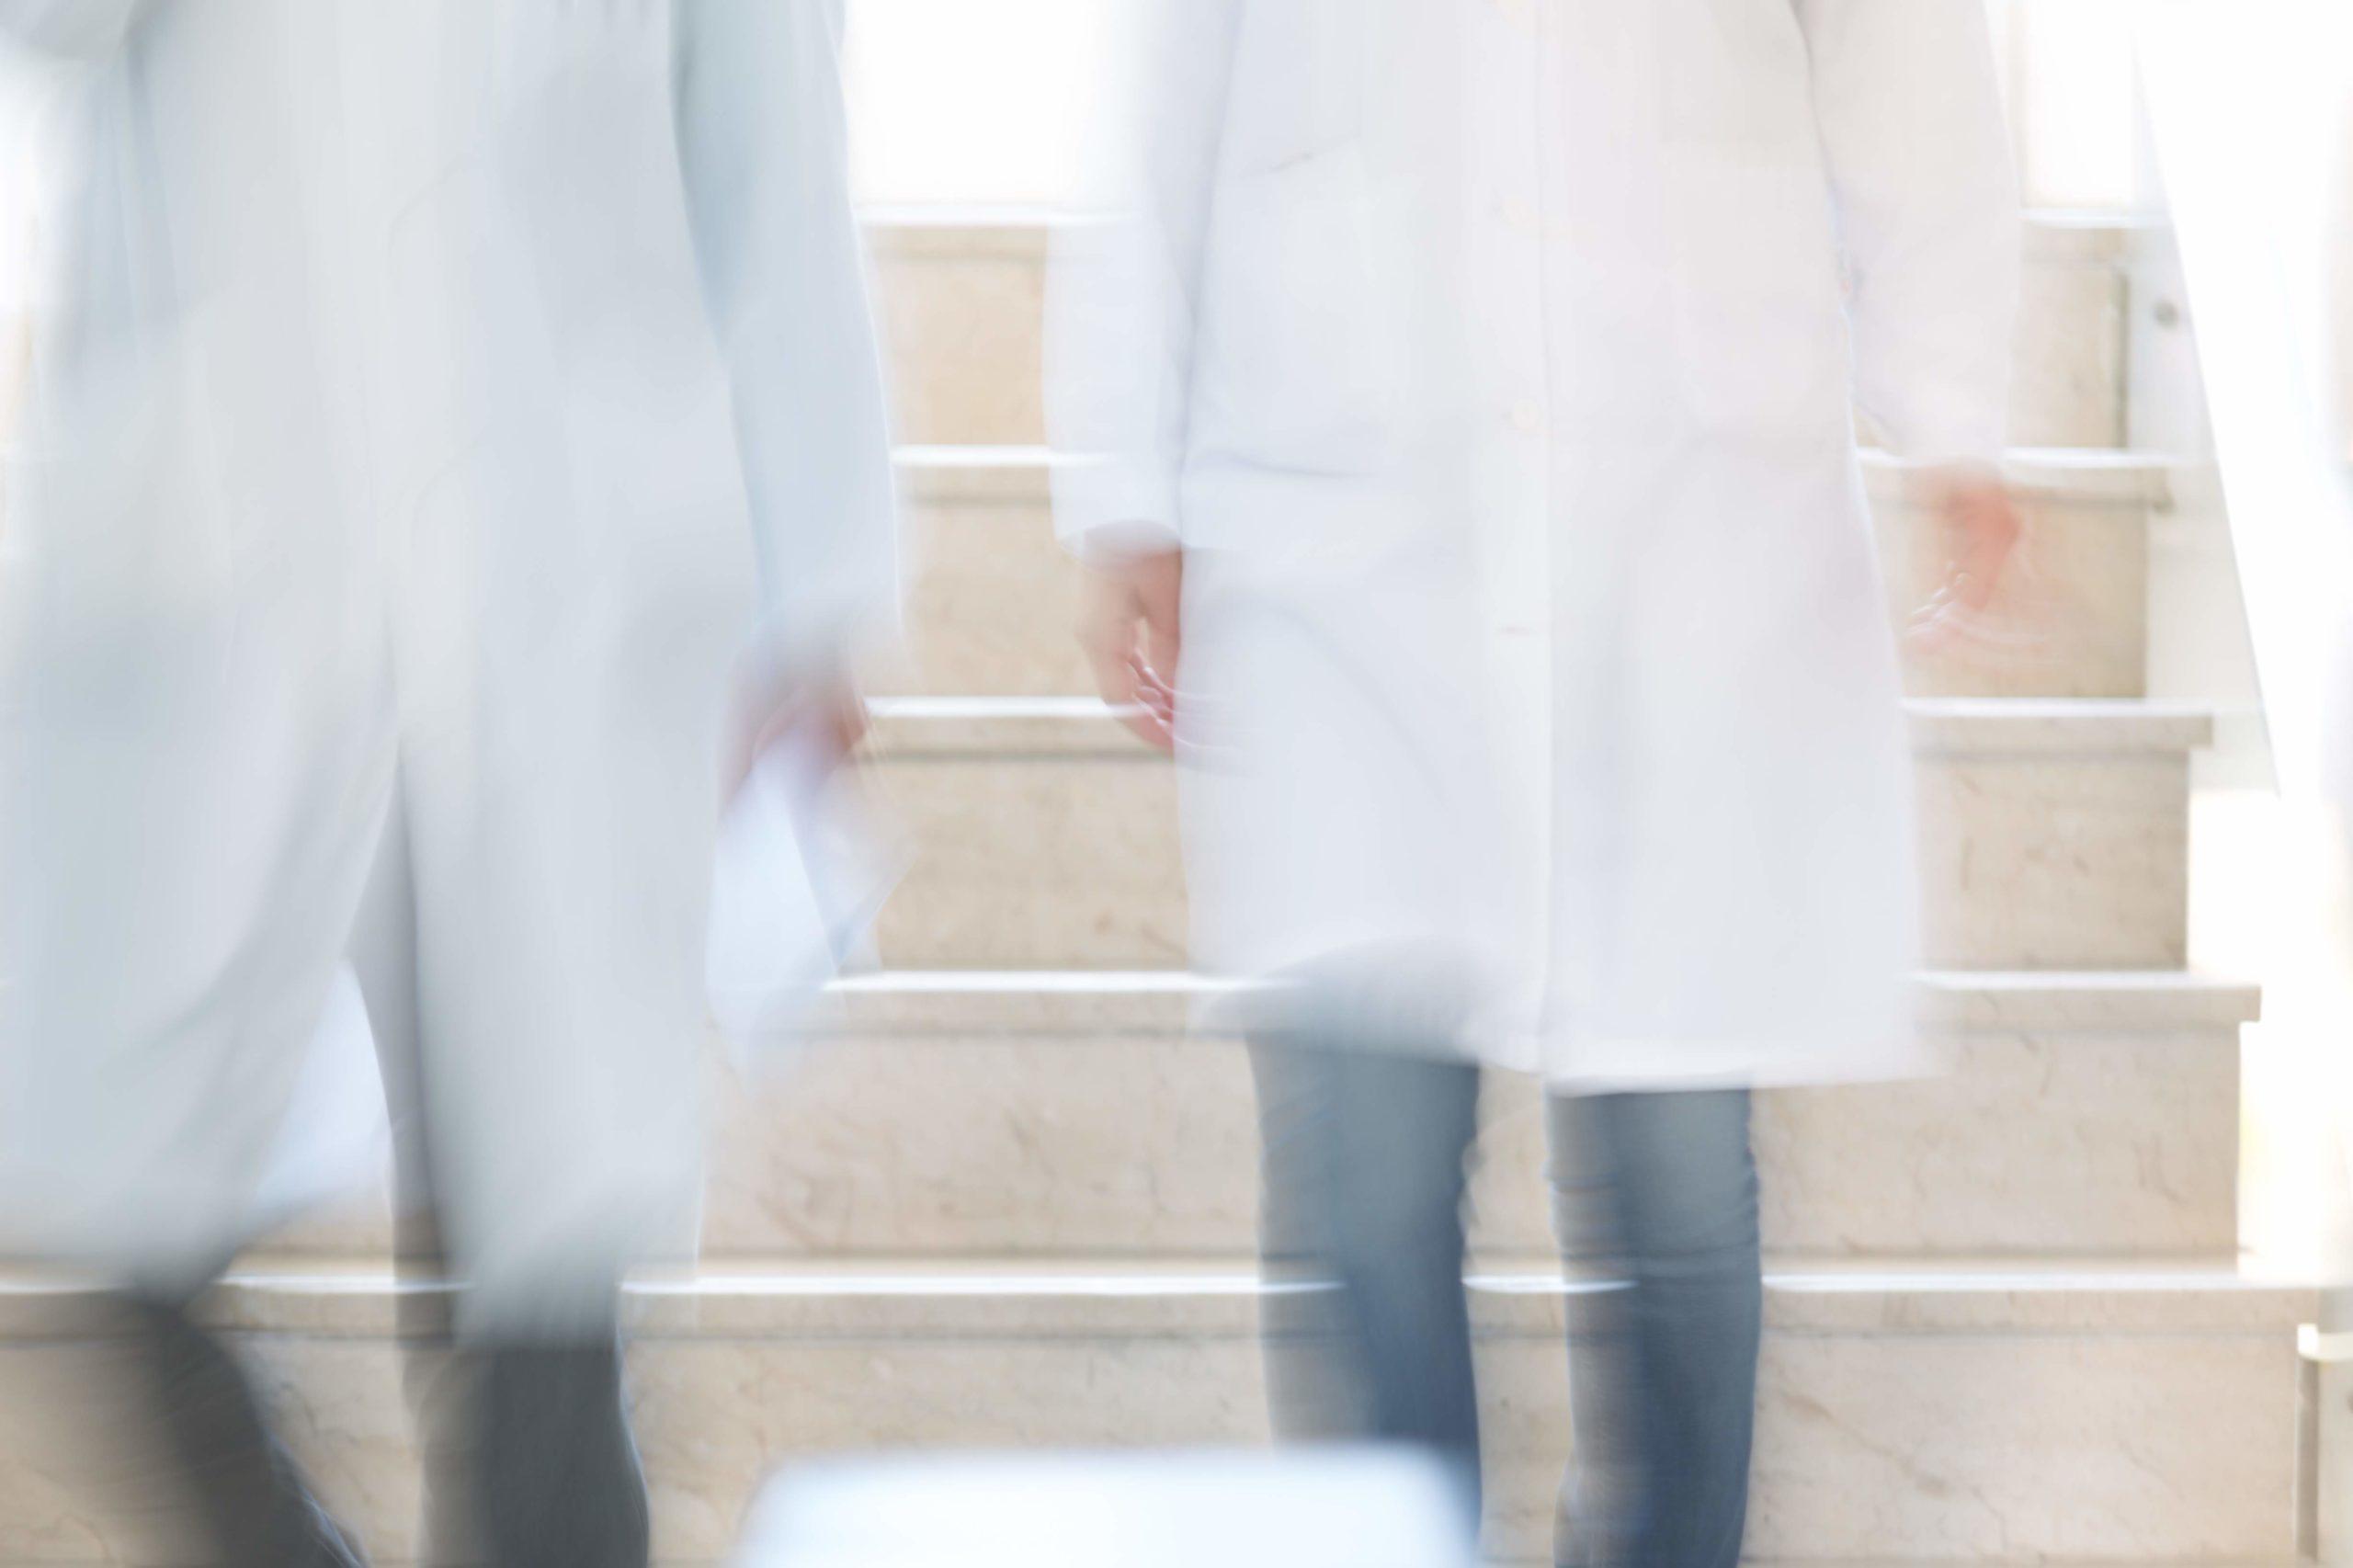 respiratore polmonare - Santabarbara Hospital - Gela